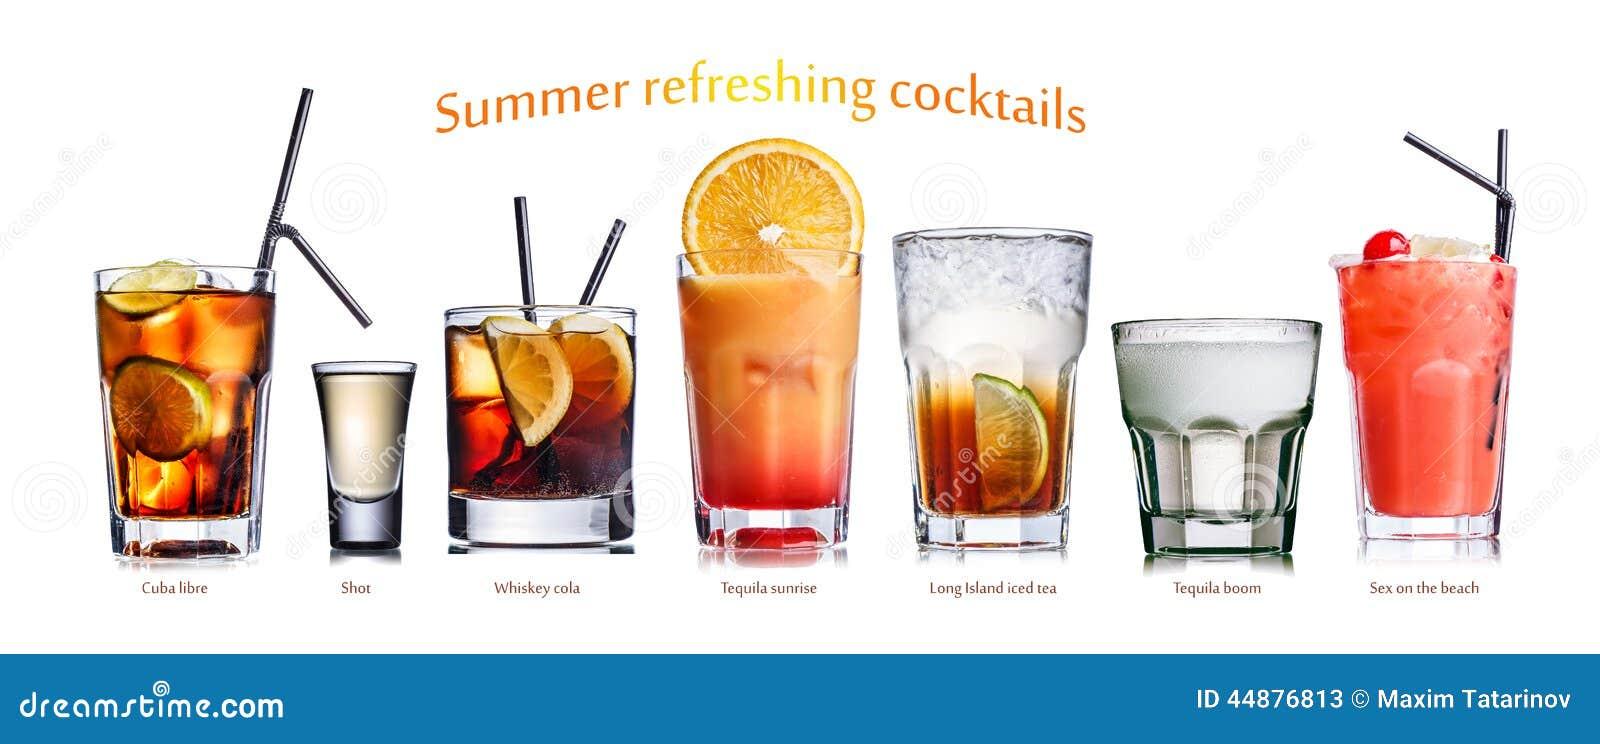 Lato odświeżający koktajle